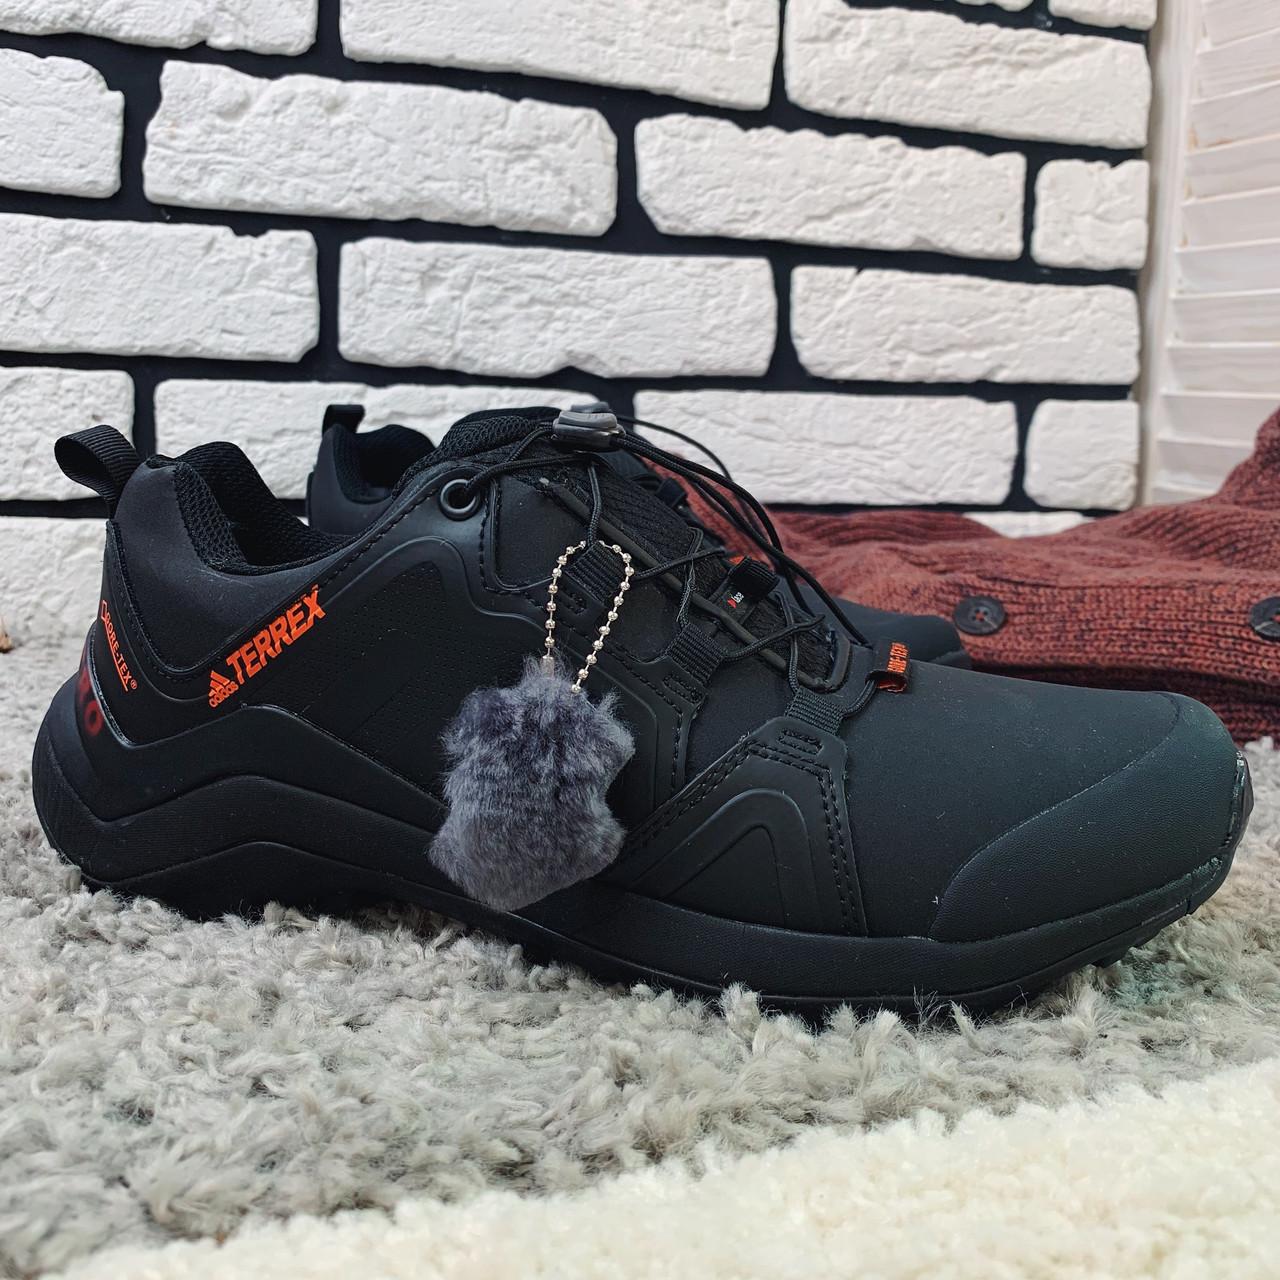 Зимние ботинки (на меху) мужские Adidas Terrex  3-079 ⏩ [ 42 размер]